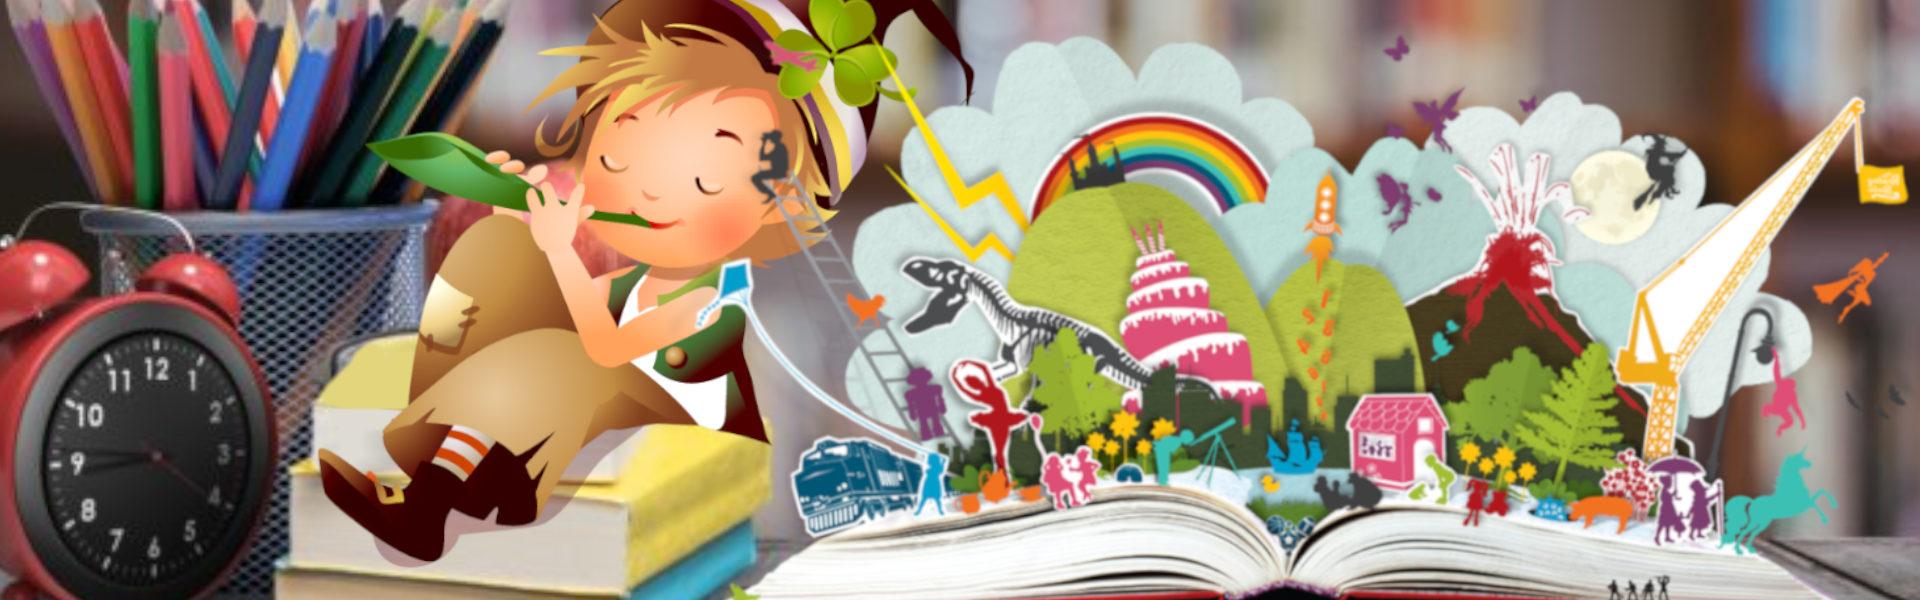 letture per ragazzi